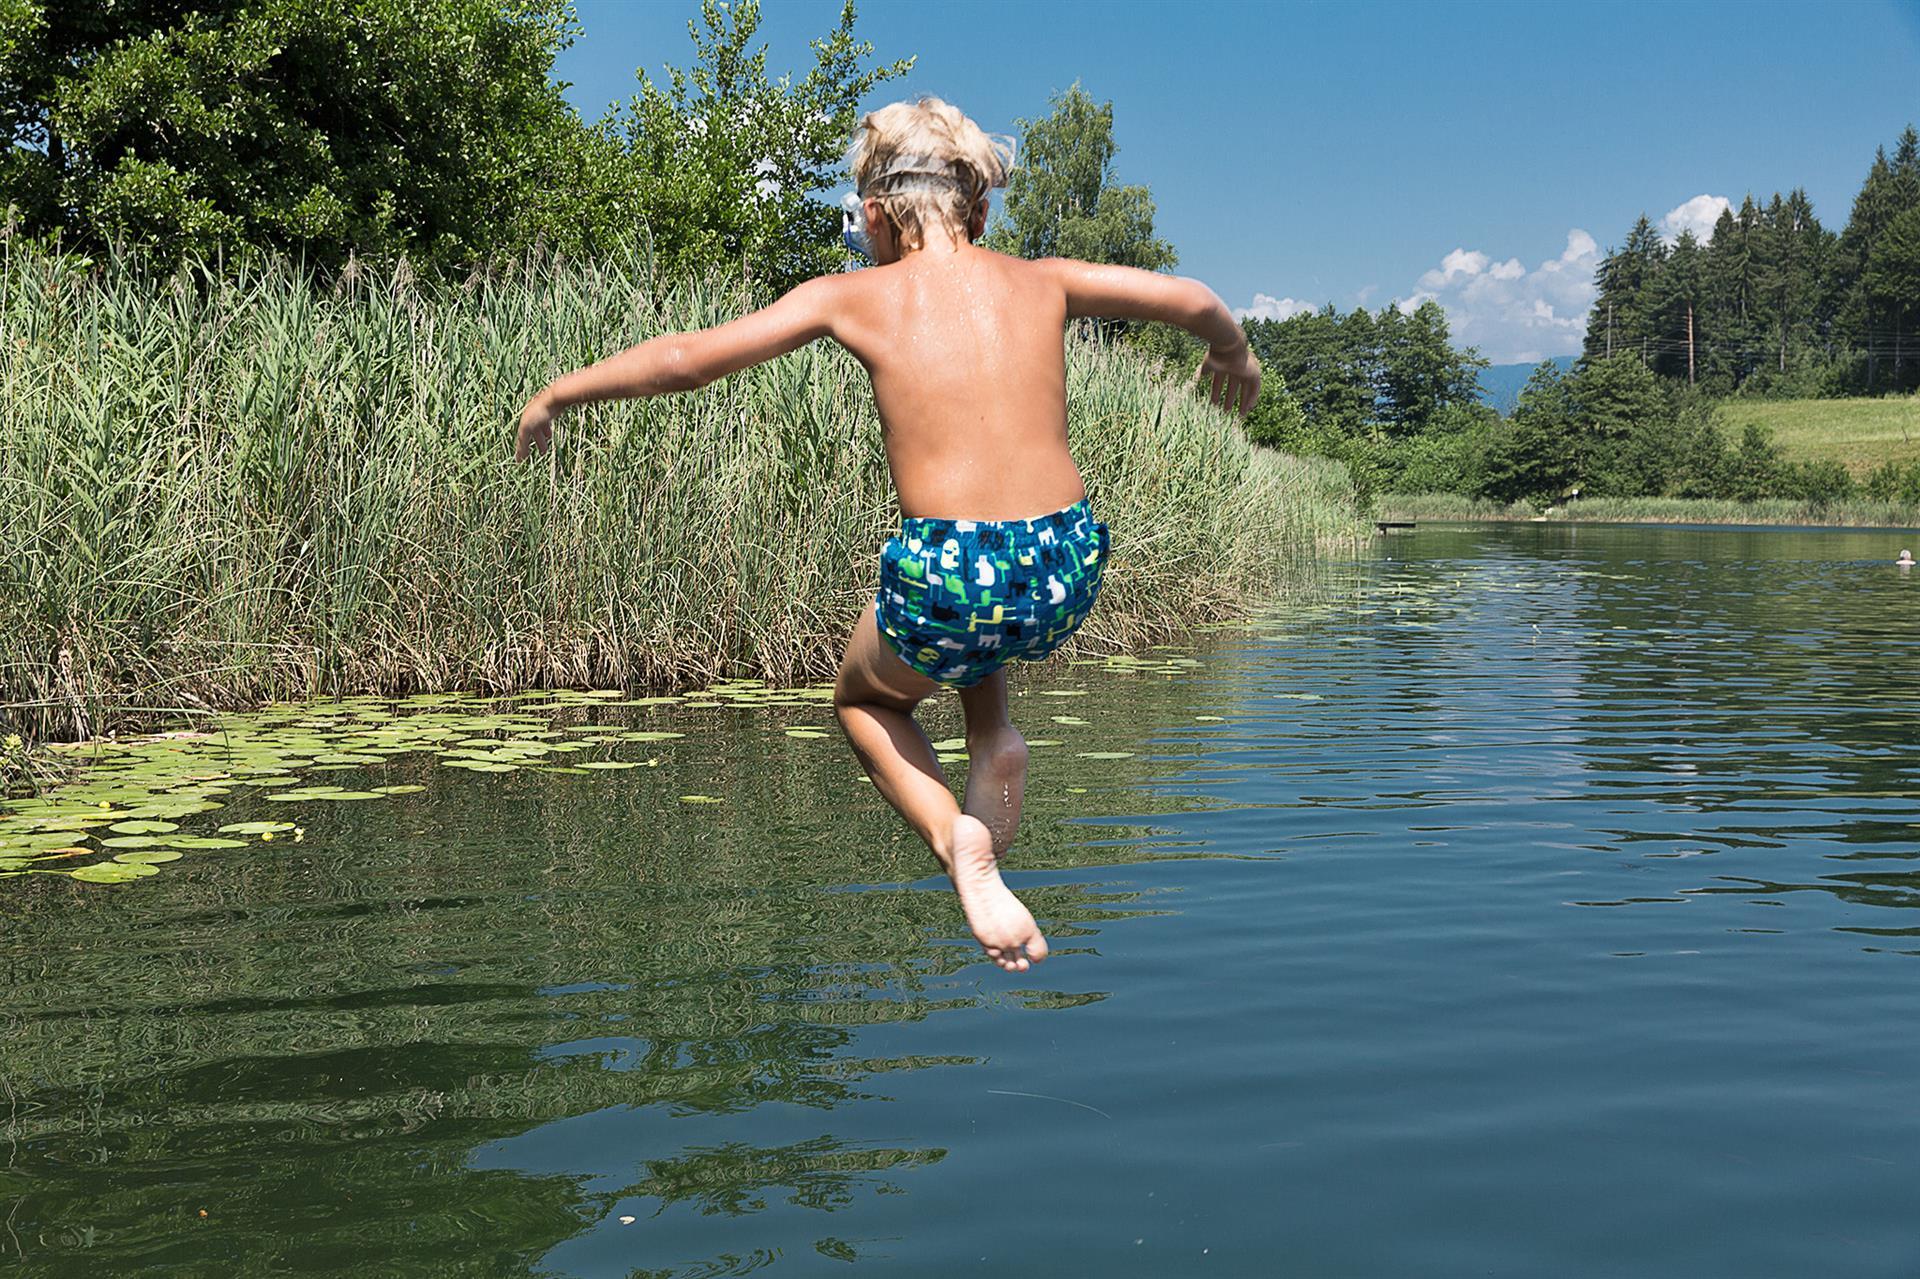 Naturjuwel Aichwaldsee. Ein schwimmbares Erlebnis im Naturel Urlaub.